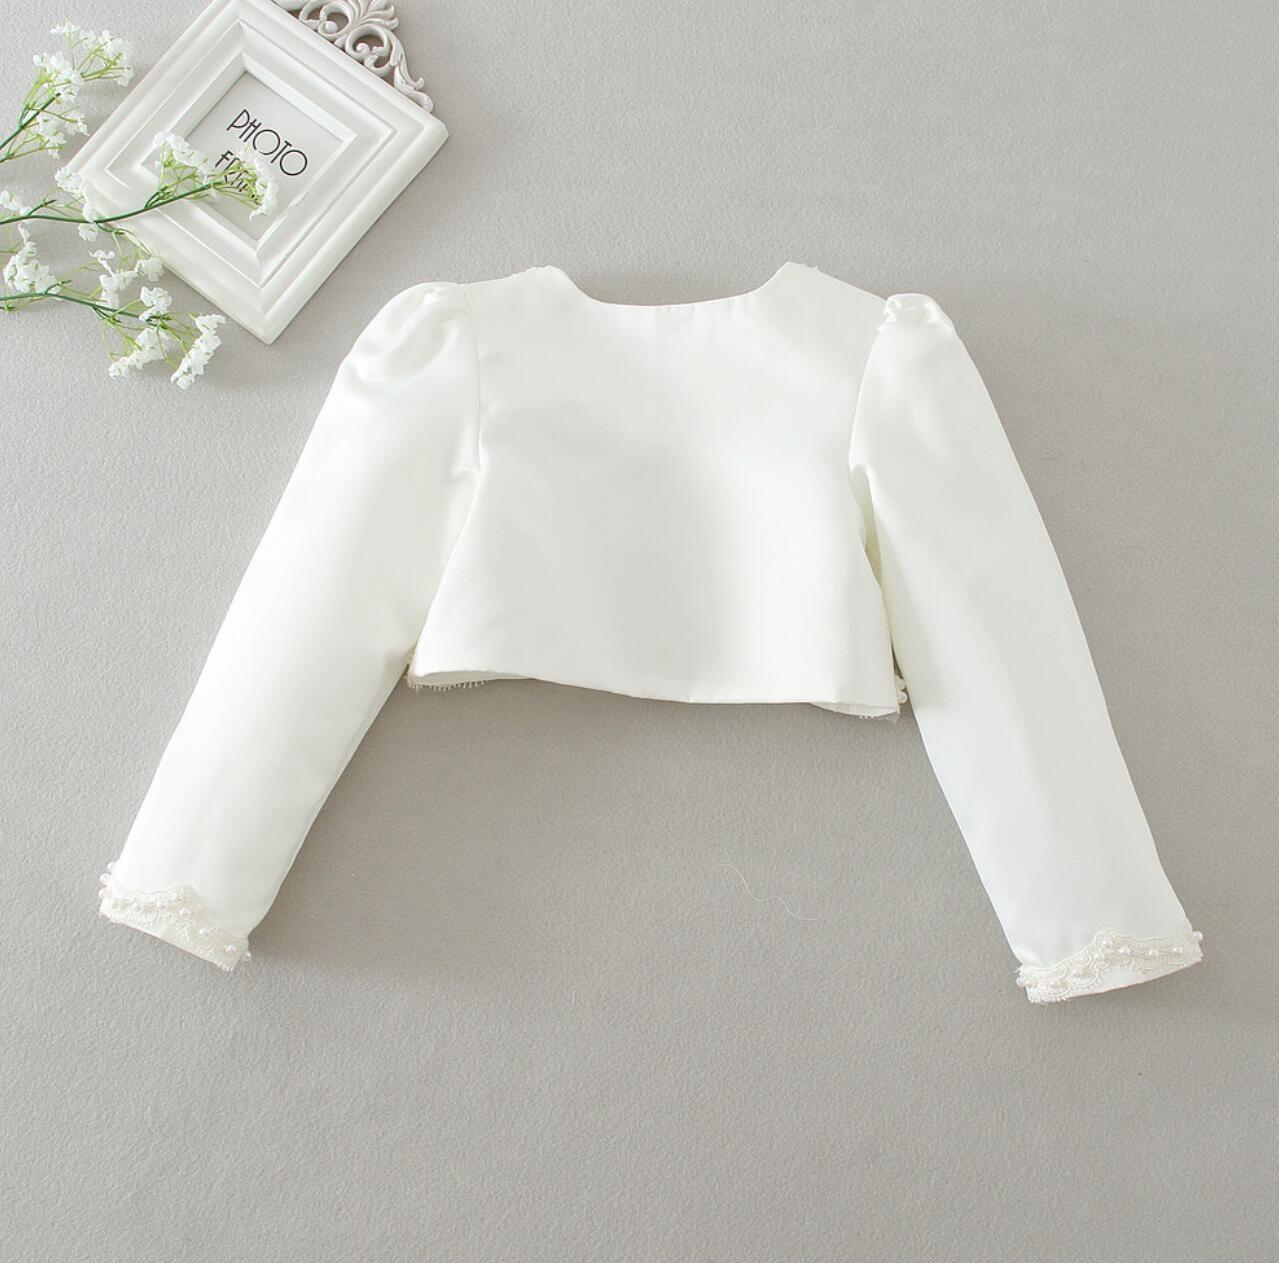 Meisjeskleding Meisjes Feestkleding - Bolero met parels - gebroken wit